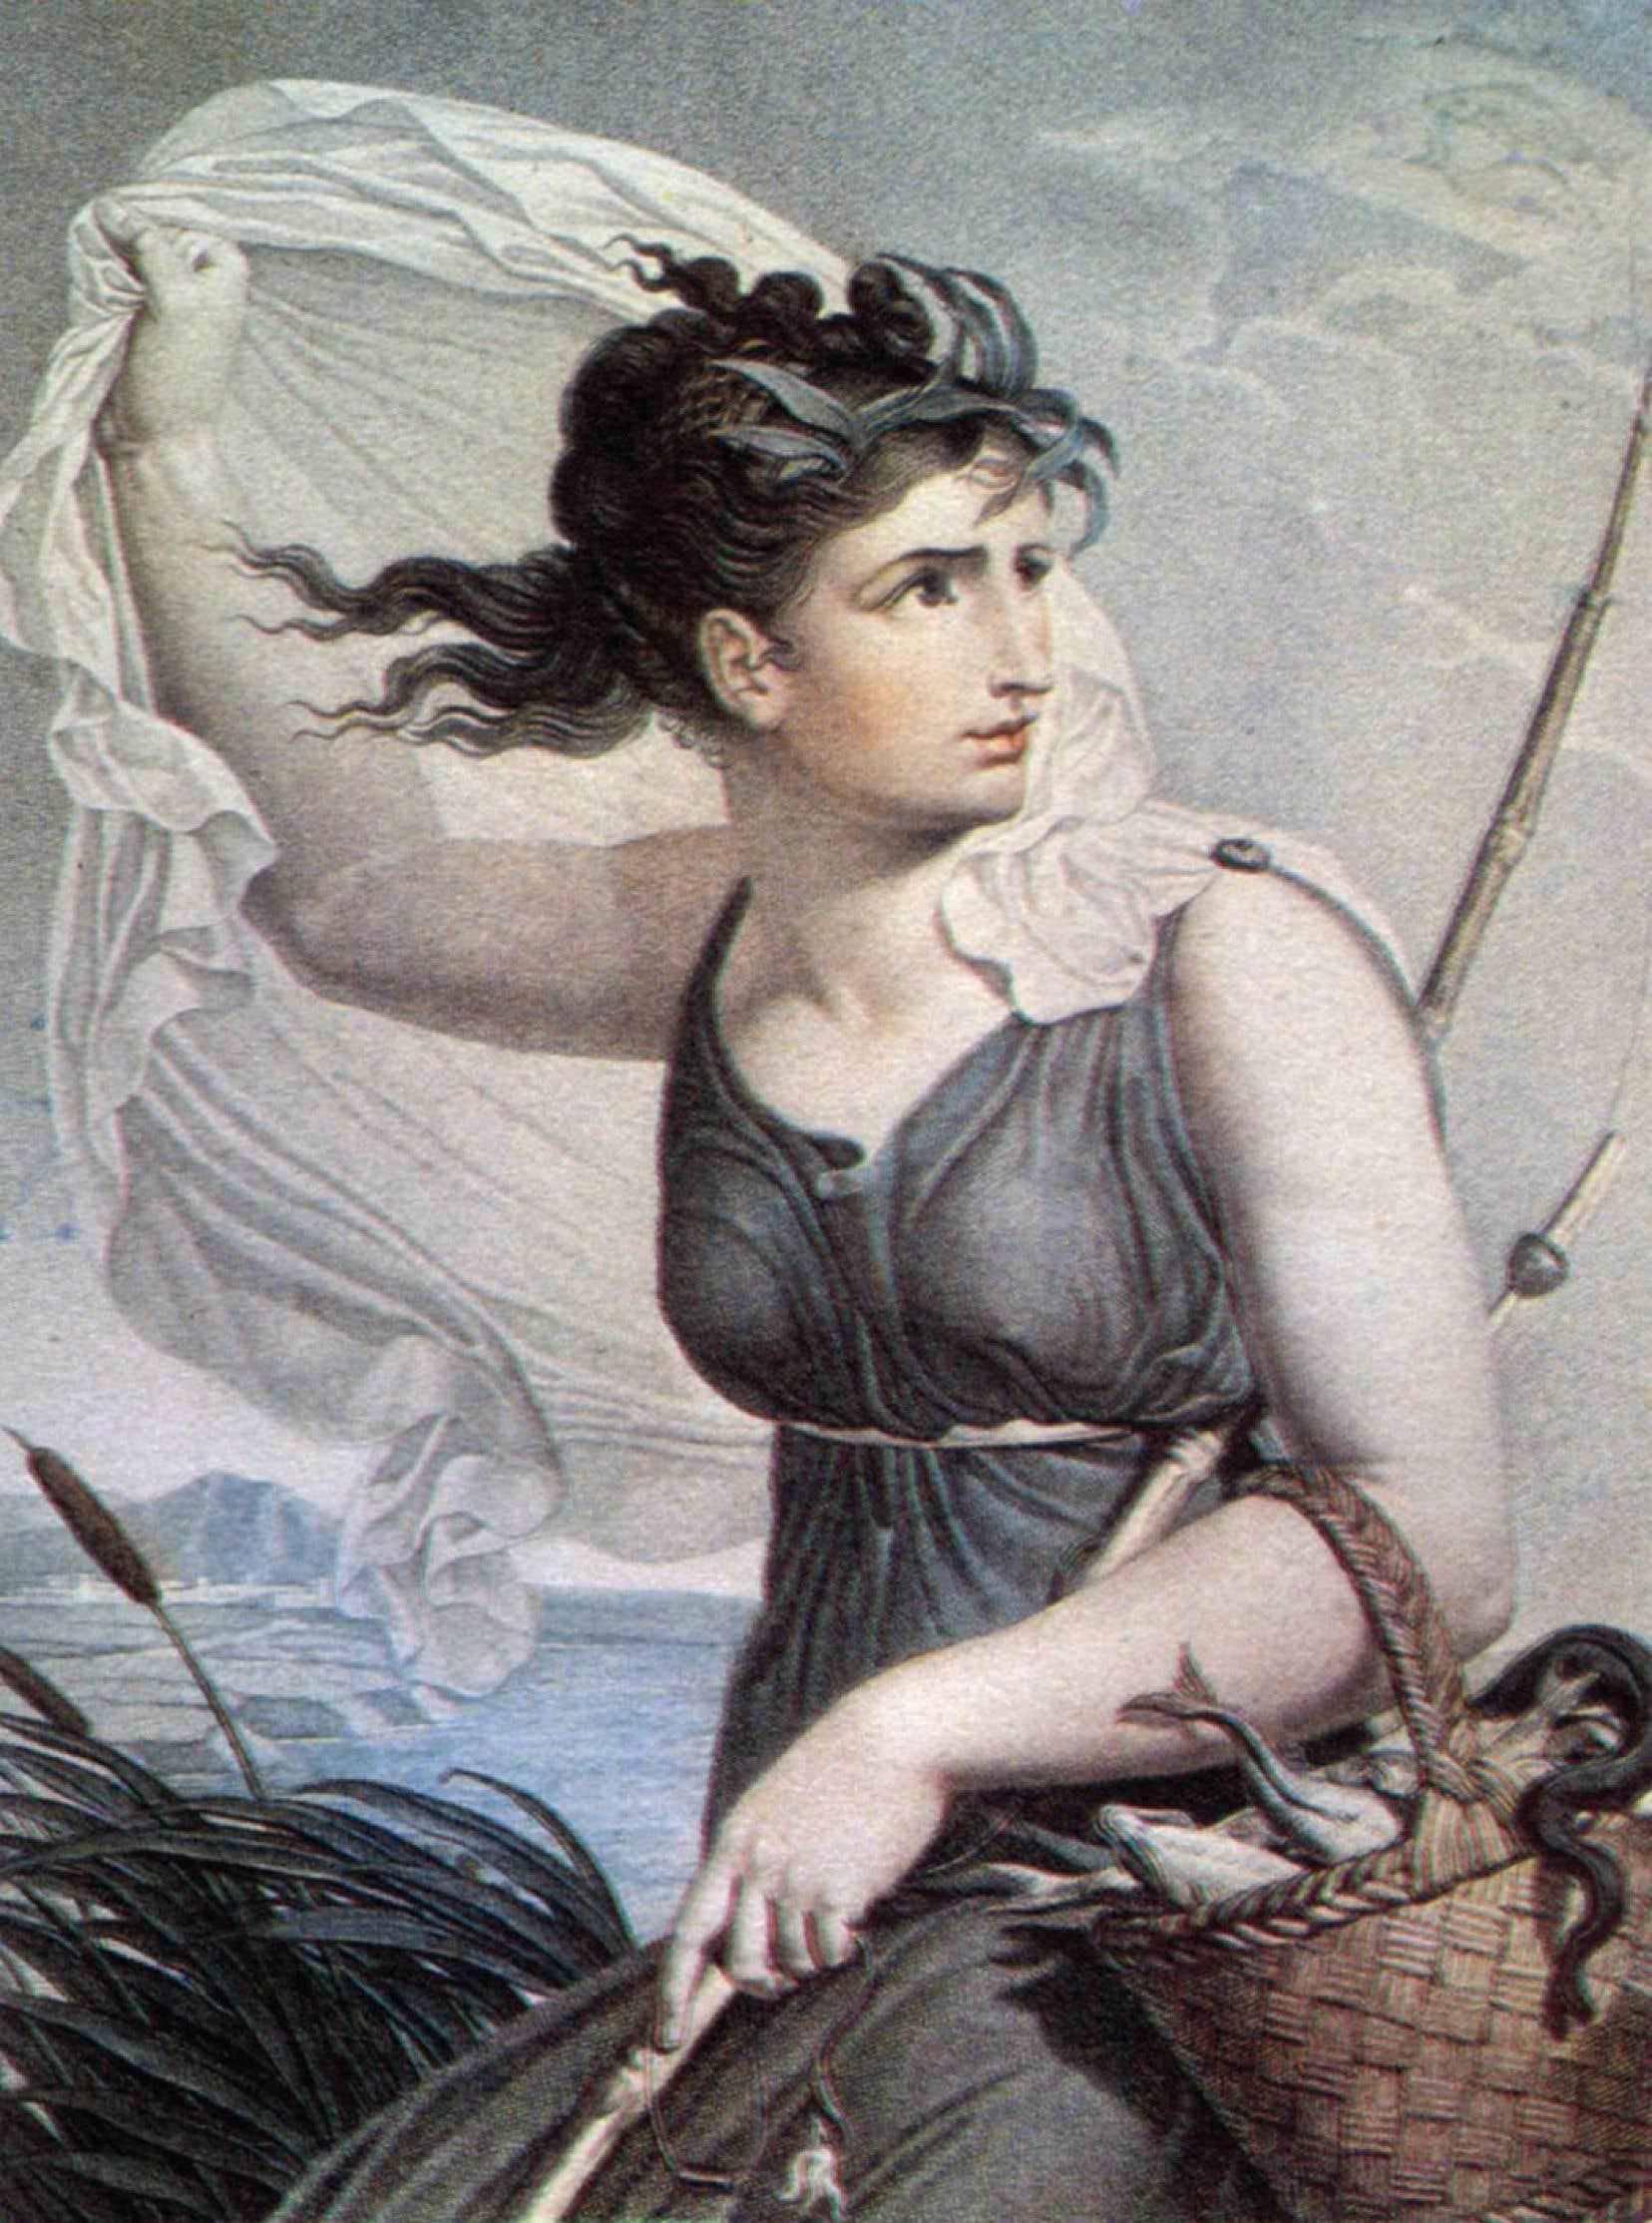 La Nymphe du rivage représente le sixième mois du calendrier républicain, ventôse.